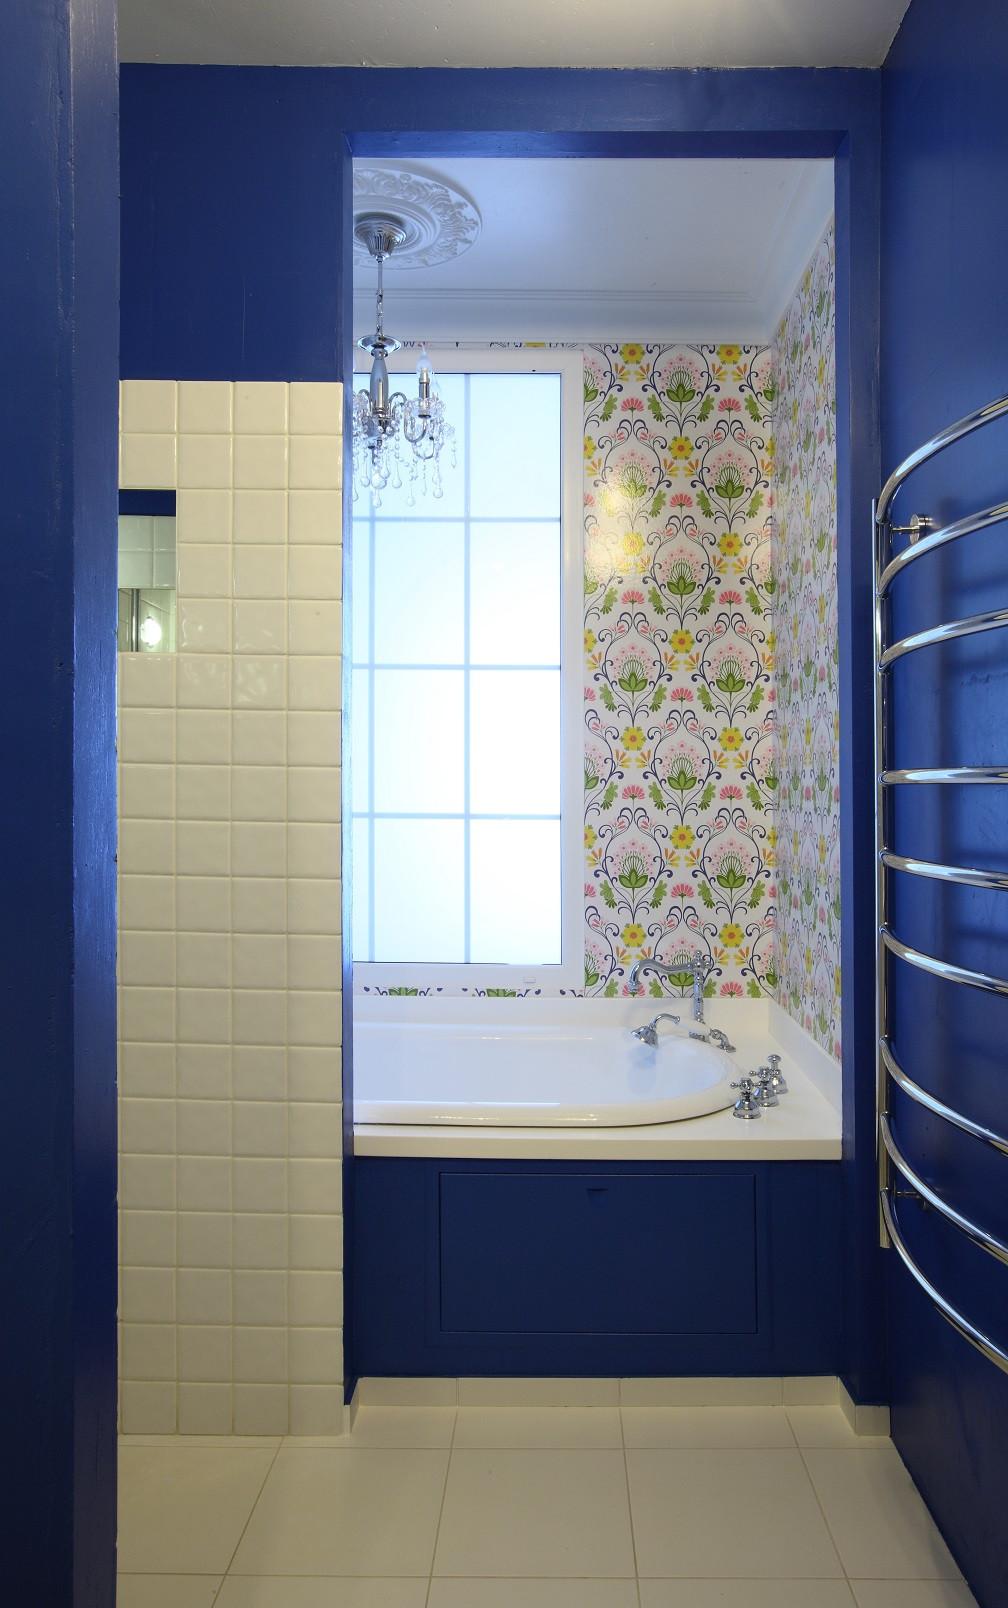 卫生间以蓝色和白色白术,干净靓丽,干湿分离,地面瓷砖方便更好的擦拭